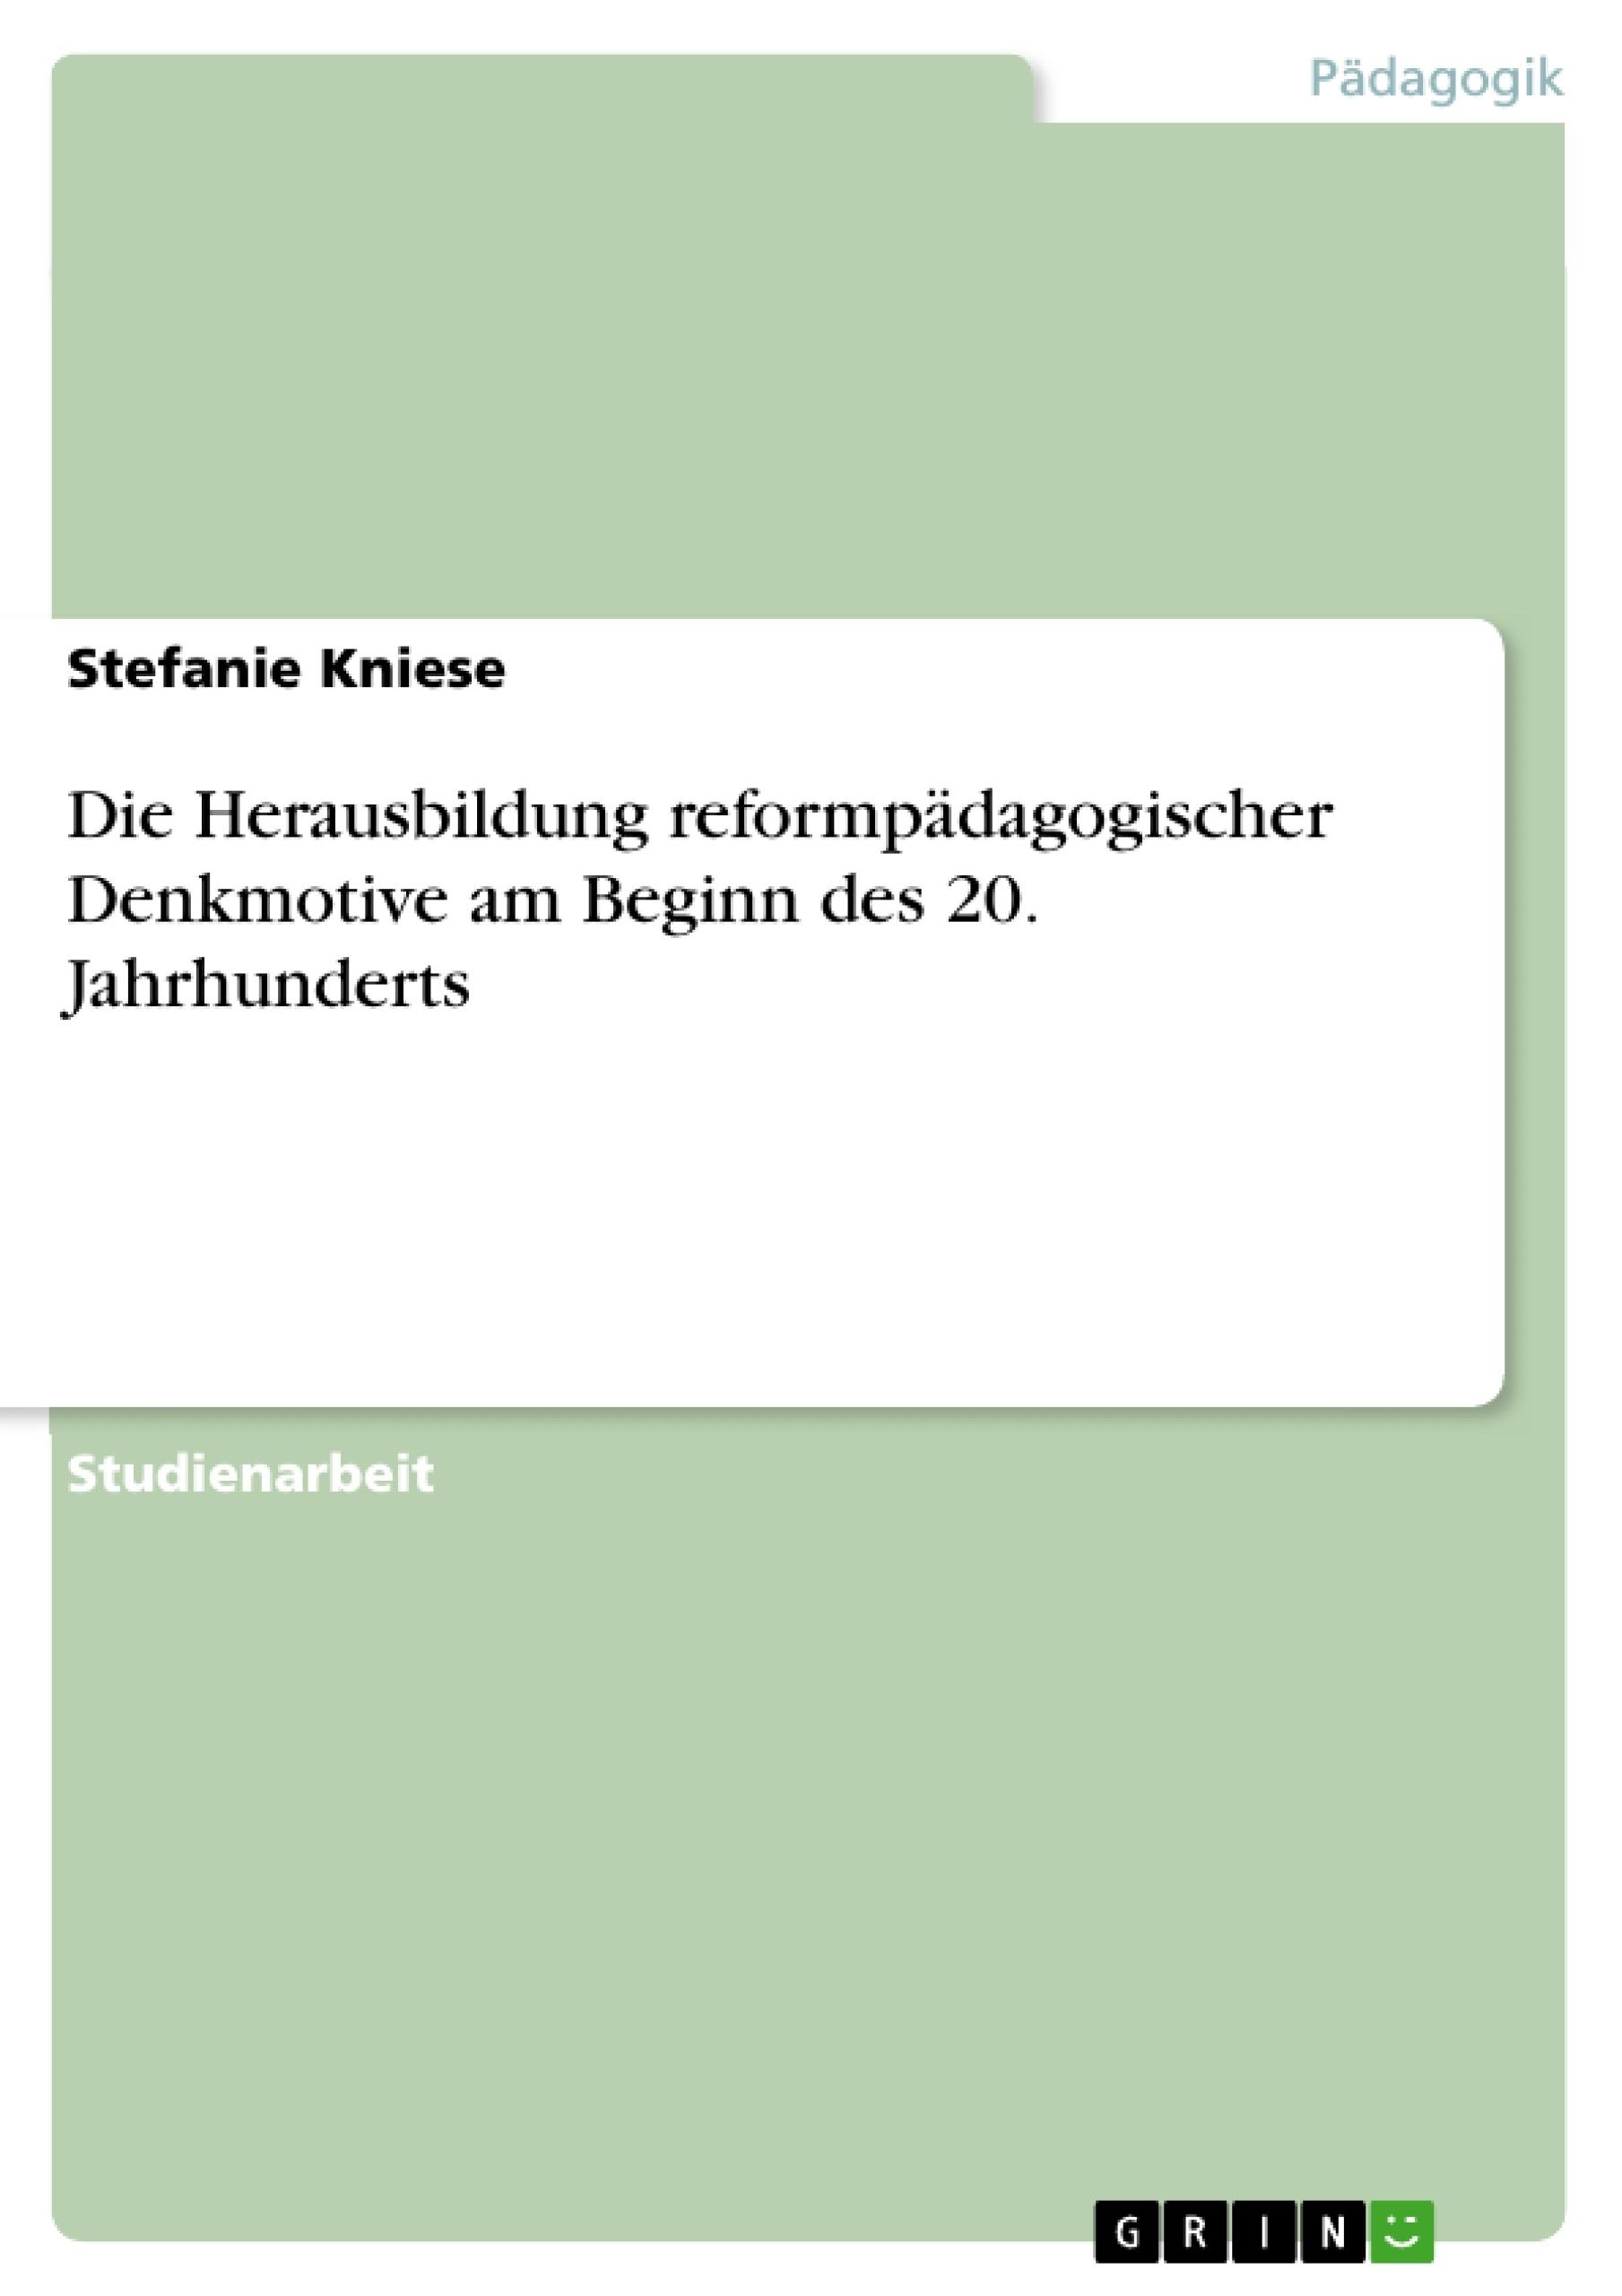 Titel: Die Herausbildung reformpädagogischer Denkmotive am Beginn des 20. Jahrhunderts